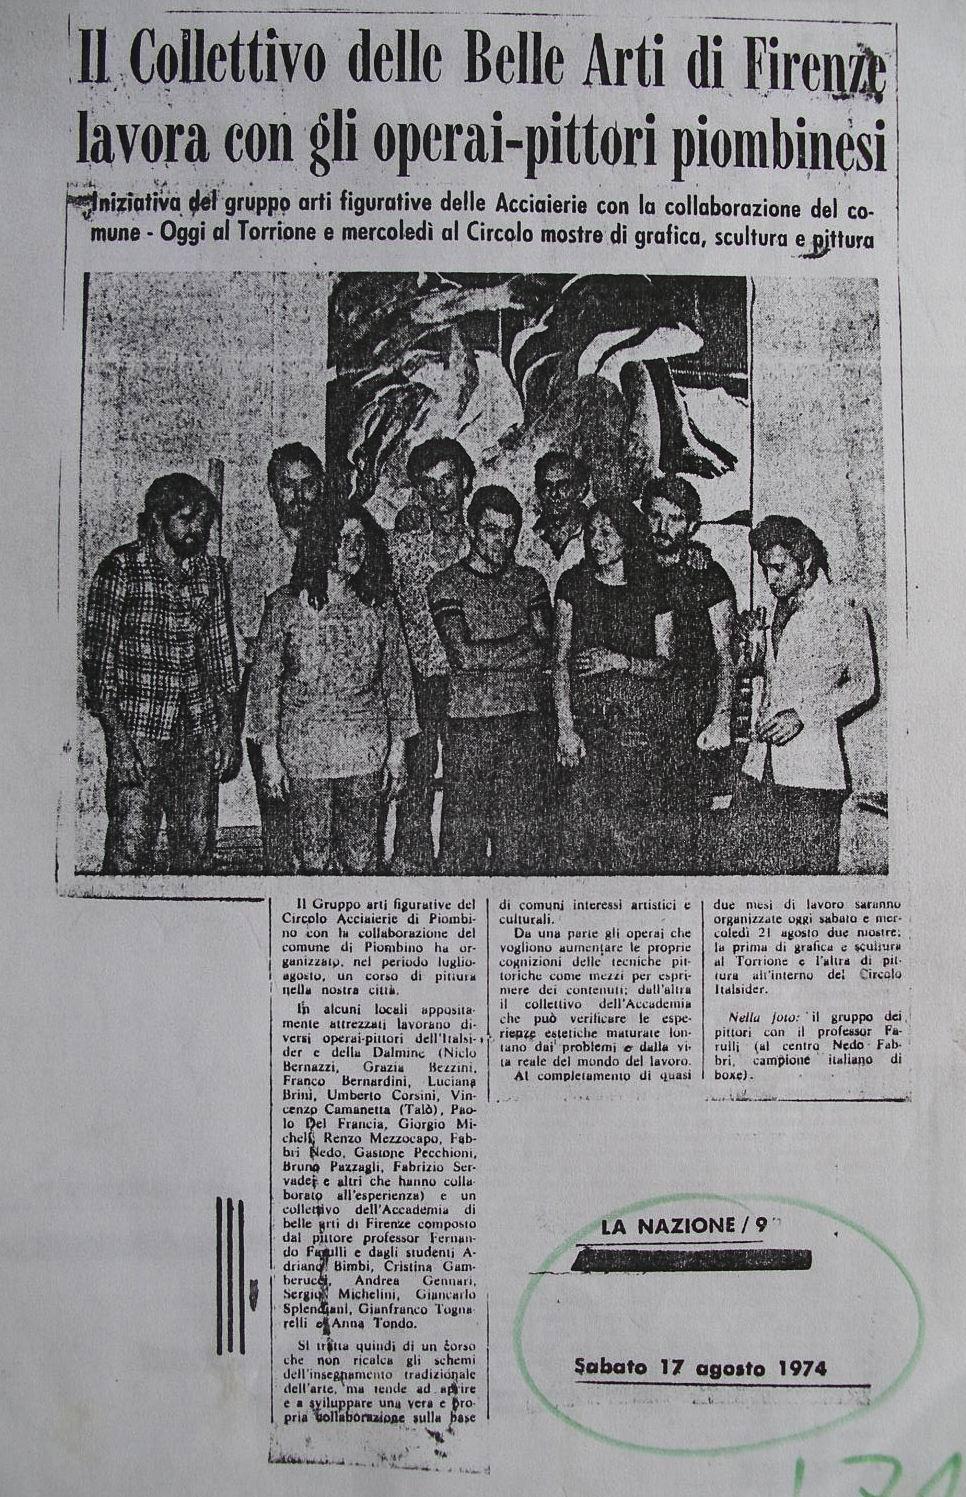 1974 La Nazione, 17 Agosto